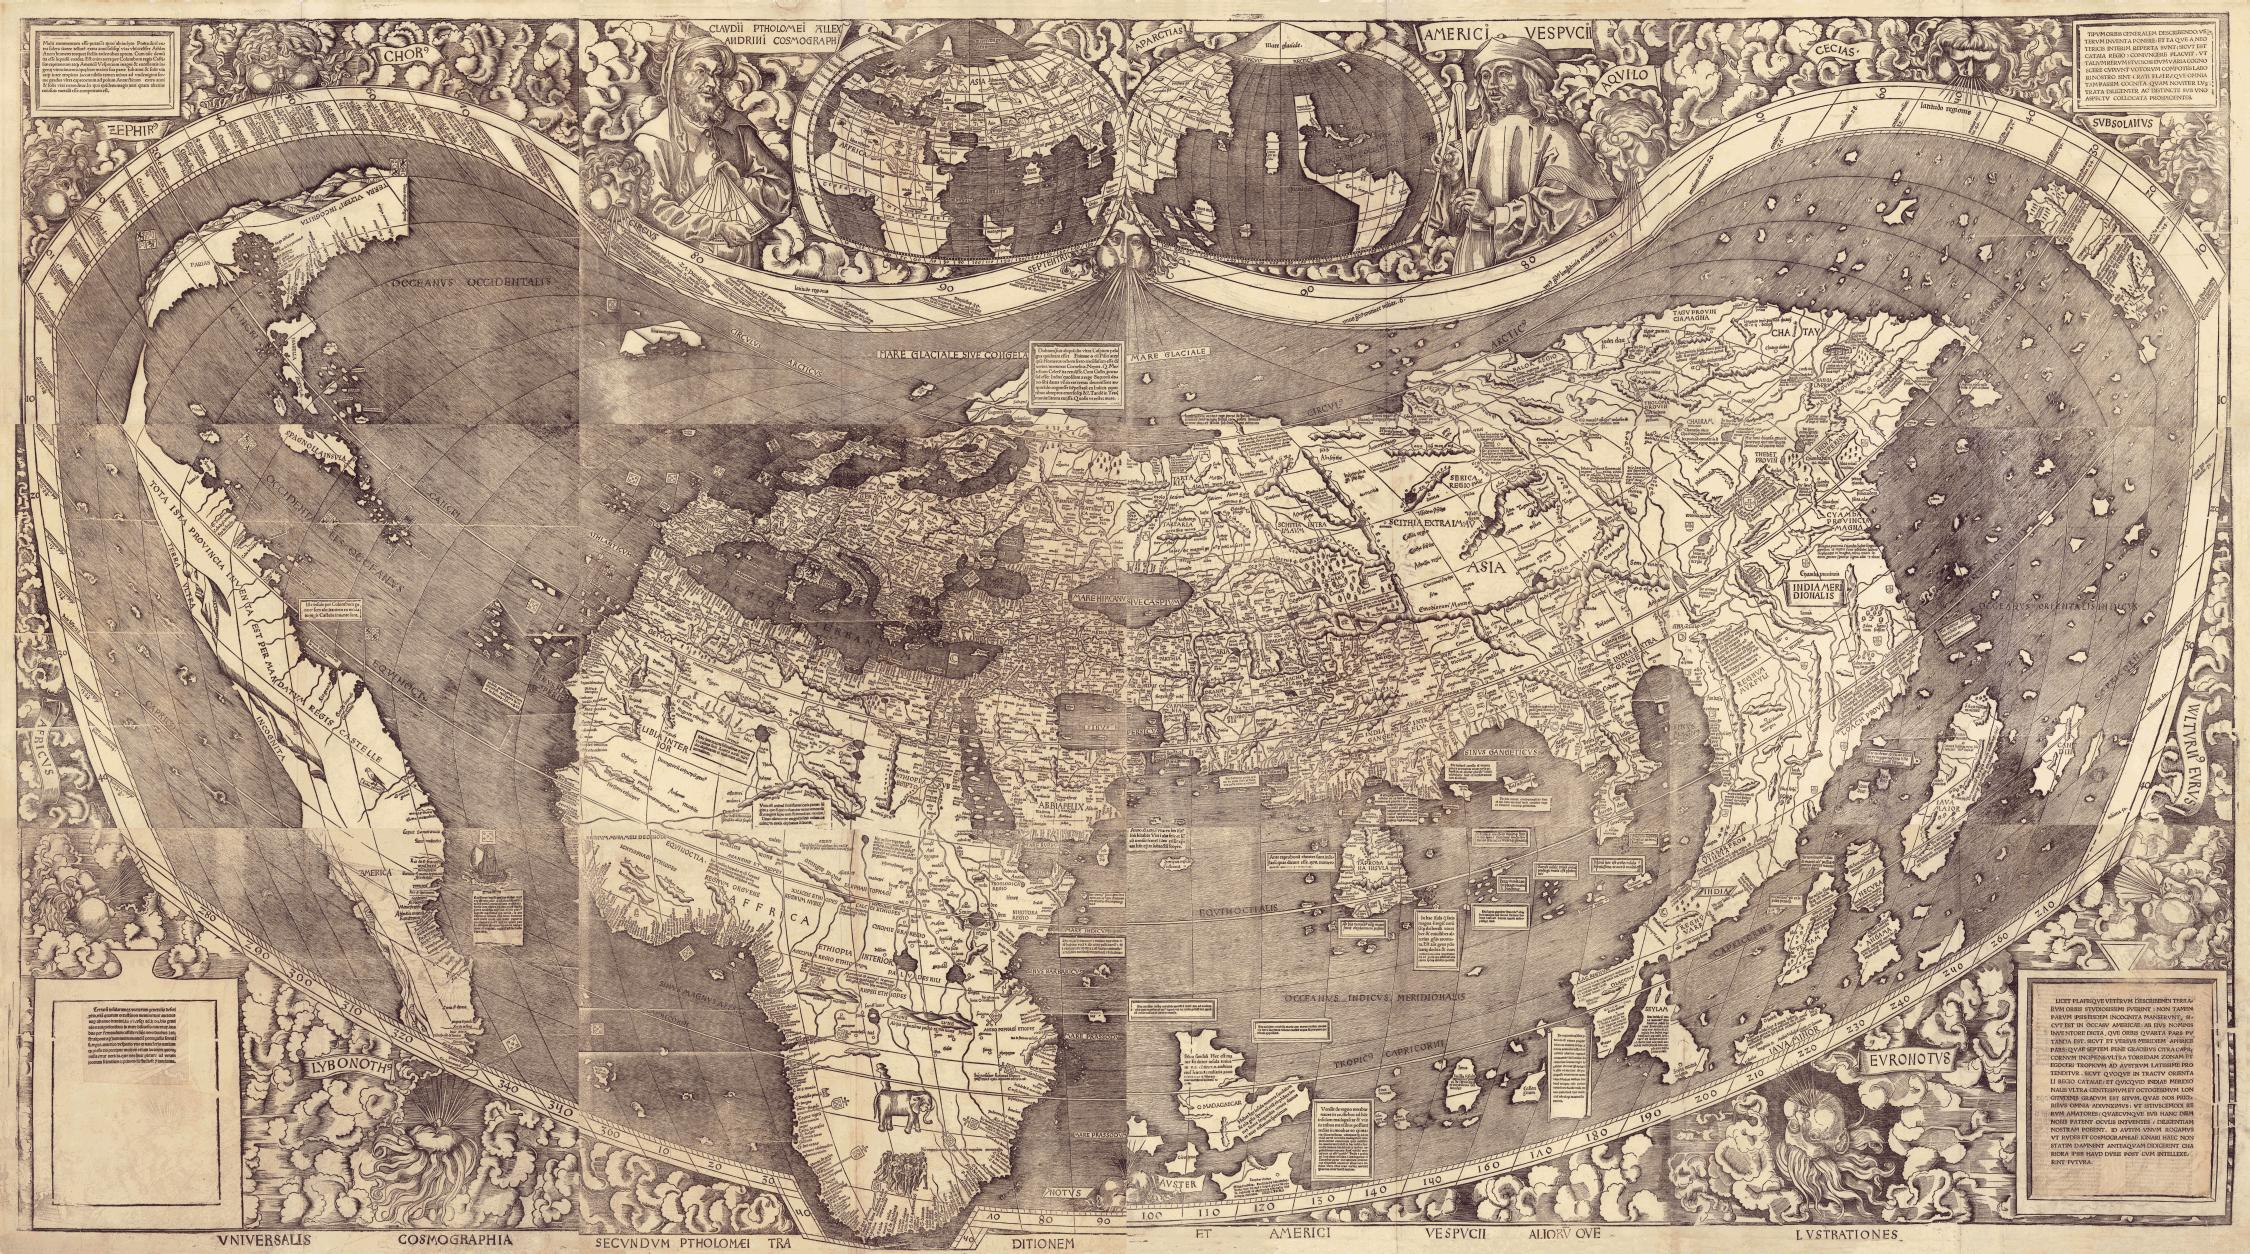 Weltkarte von Waldseemüller, 1507, Einzelstücke montiert